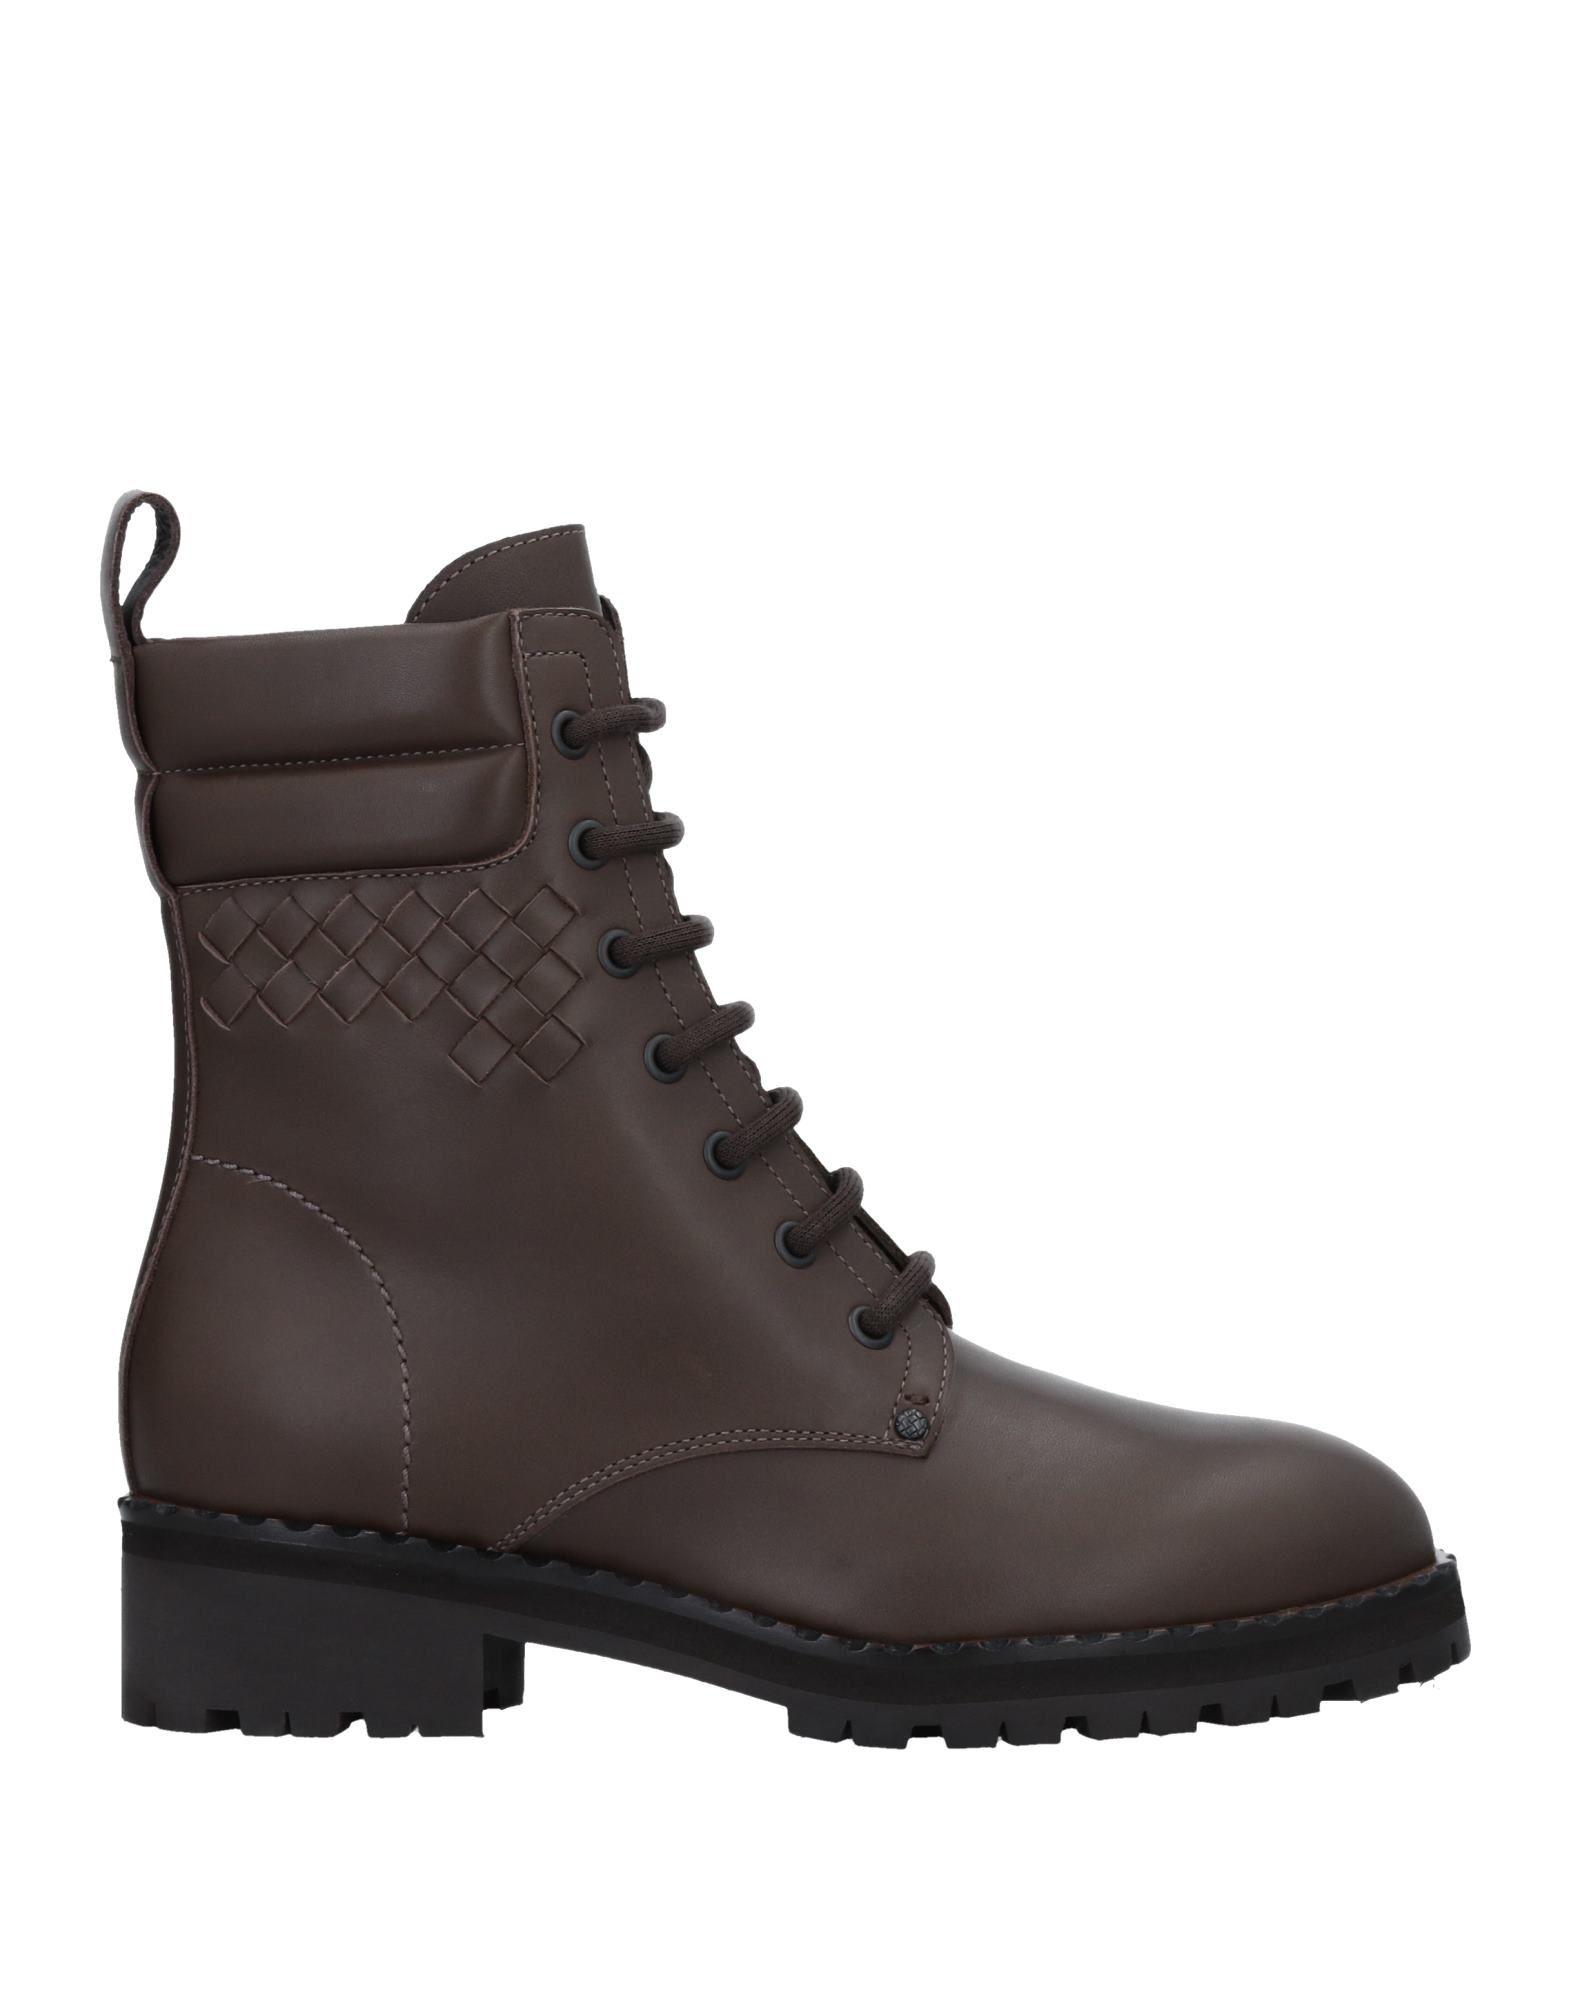 Bottega Veneta Stiefelette Damen  11509389OVGünstige gut aussehende Schuhe